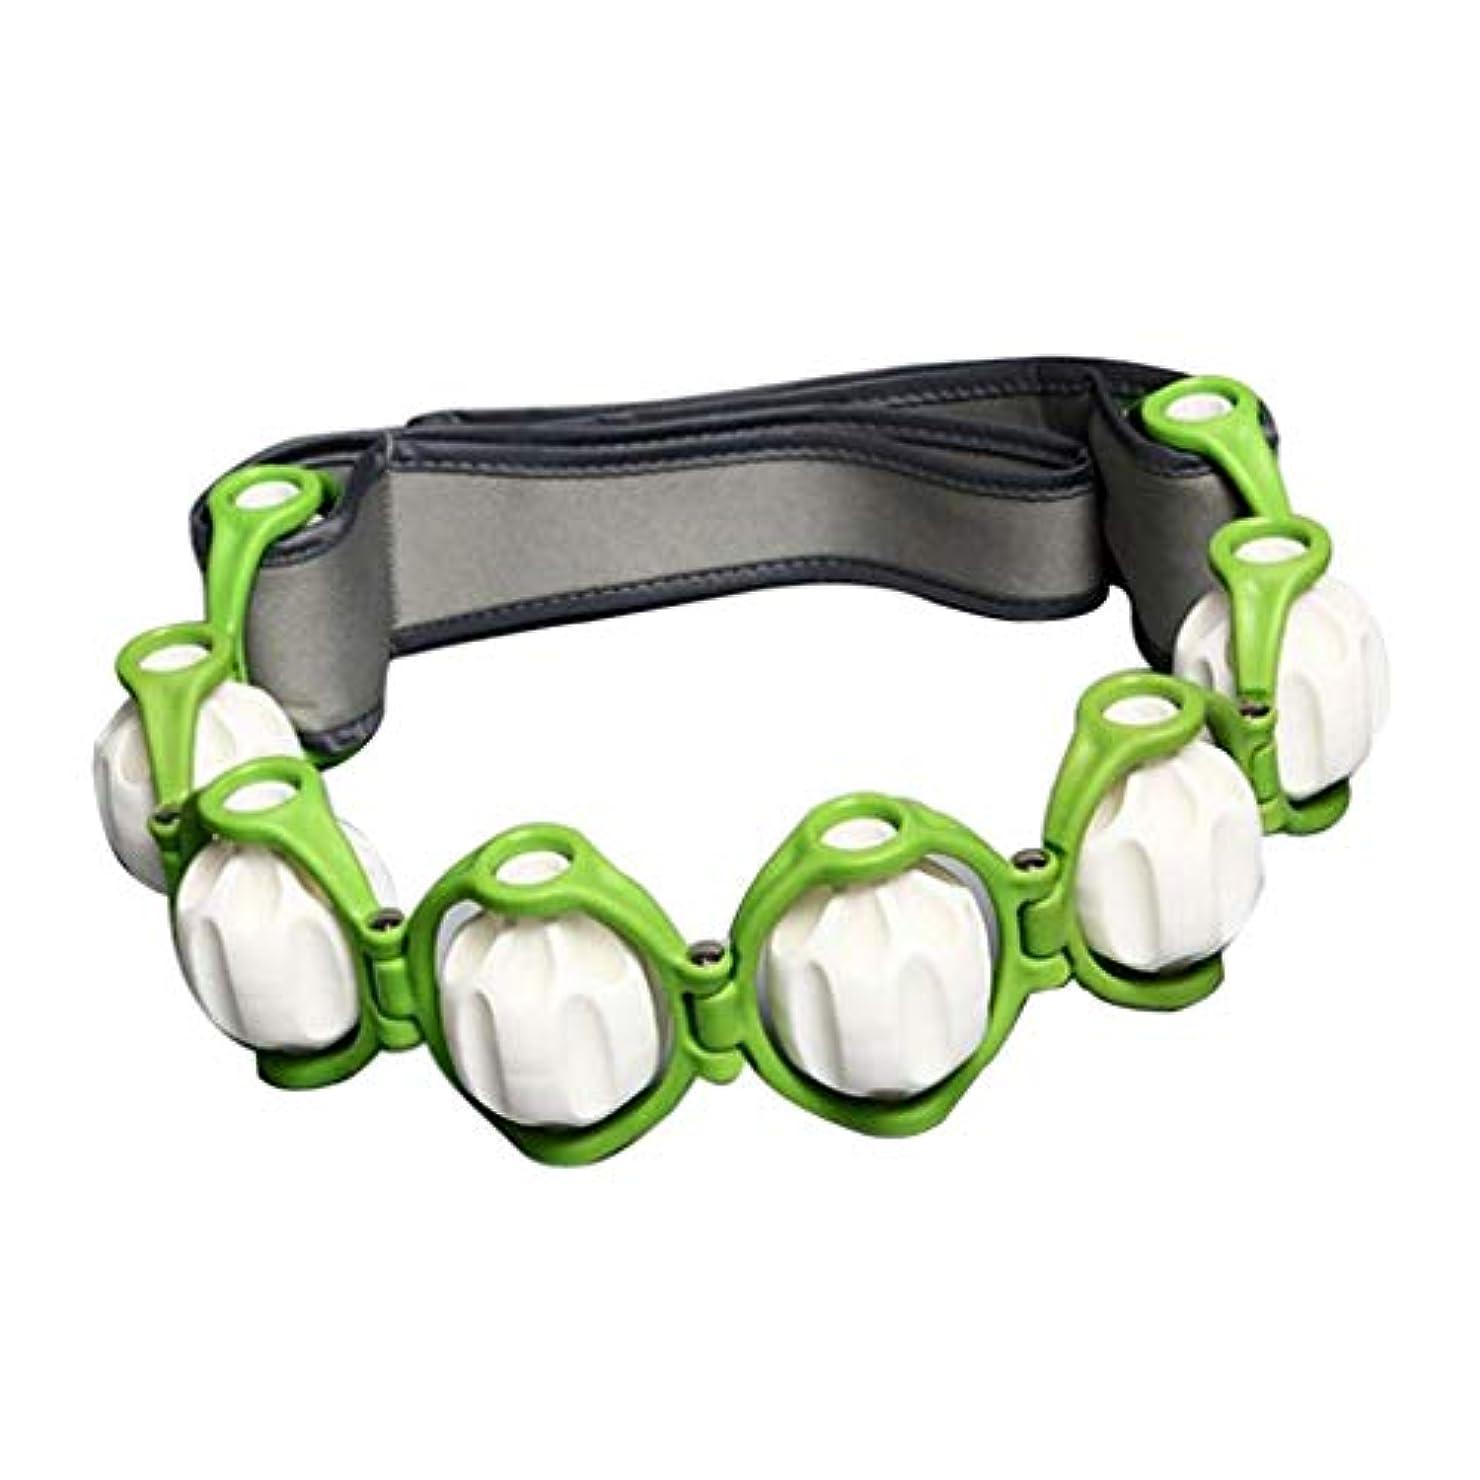 夕暮れにぎやか凍結FLAMEER ボディマッサージローラー ロープ付き 六つボール 4色選べ - 緑, 説明したように